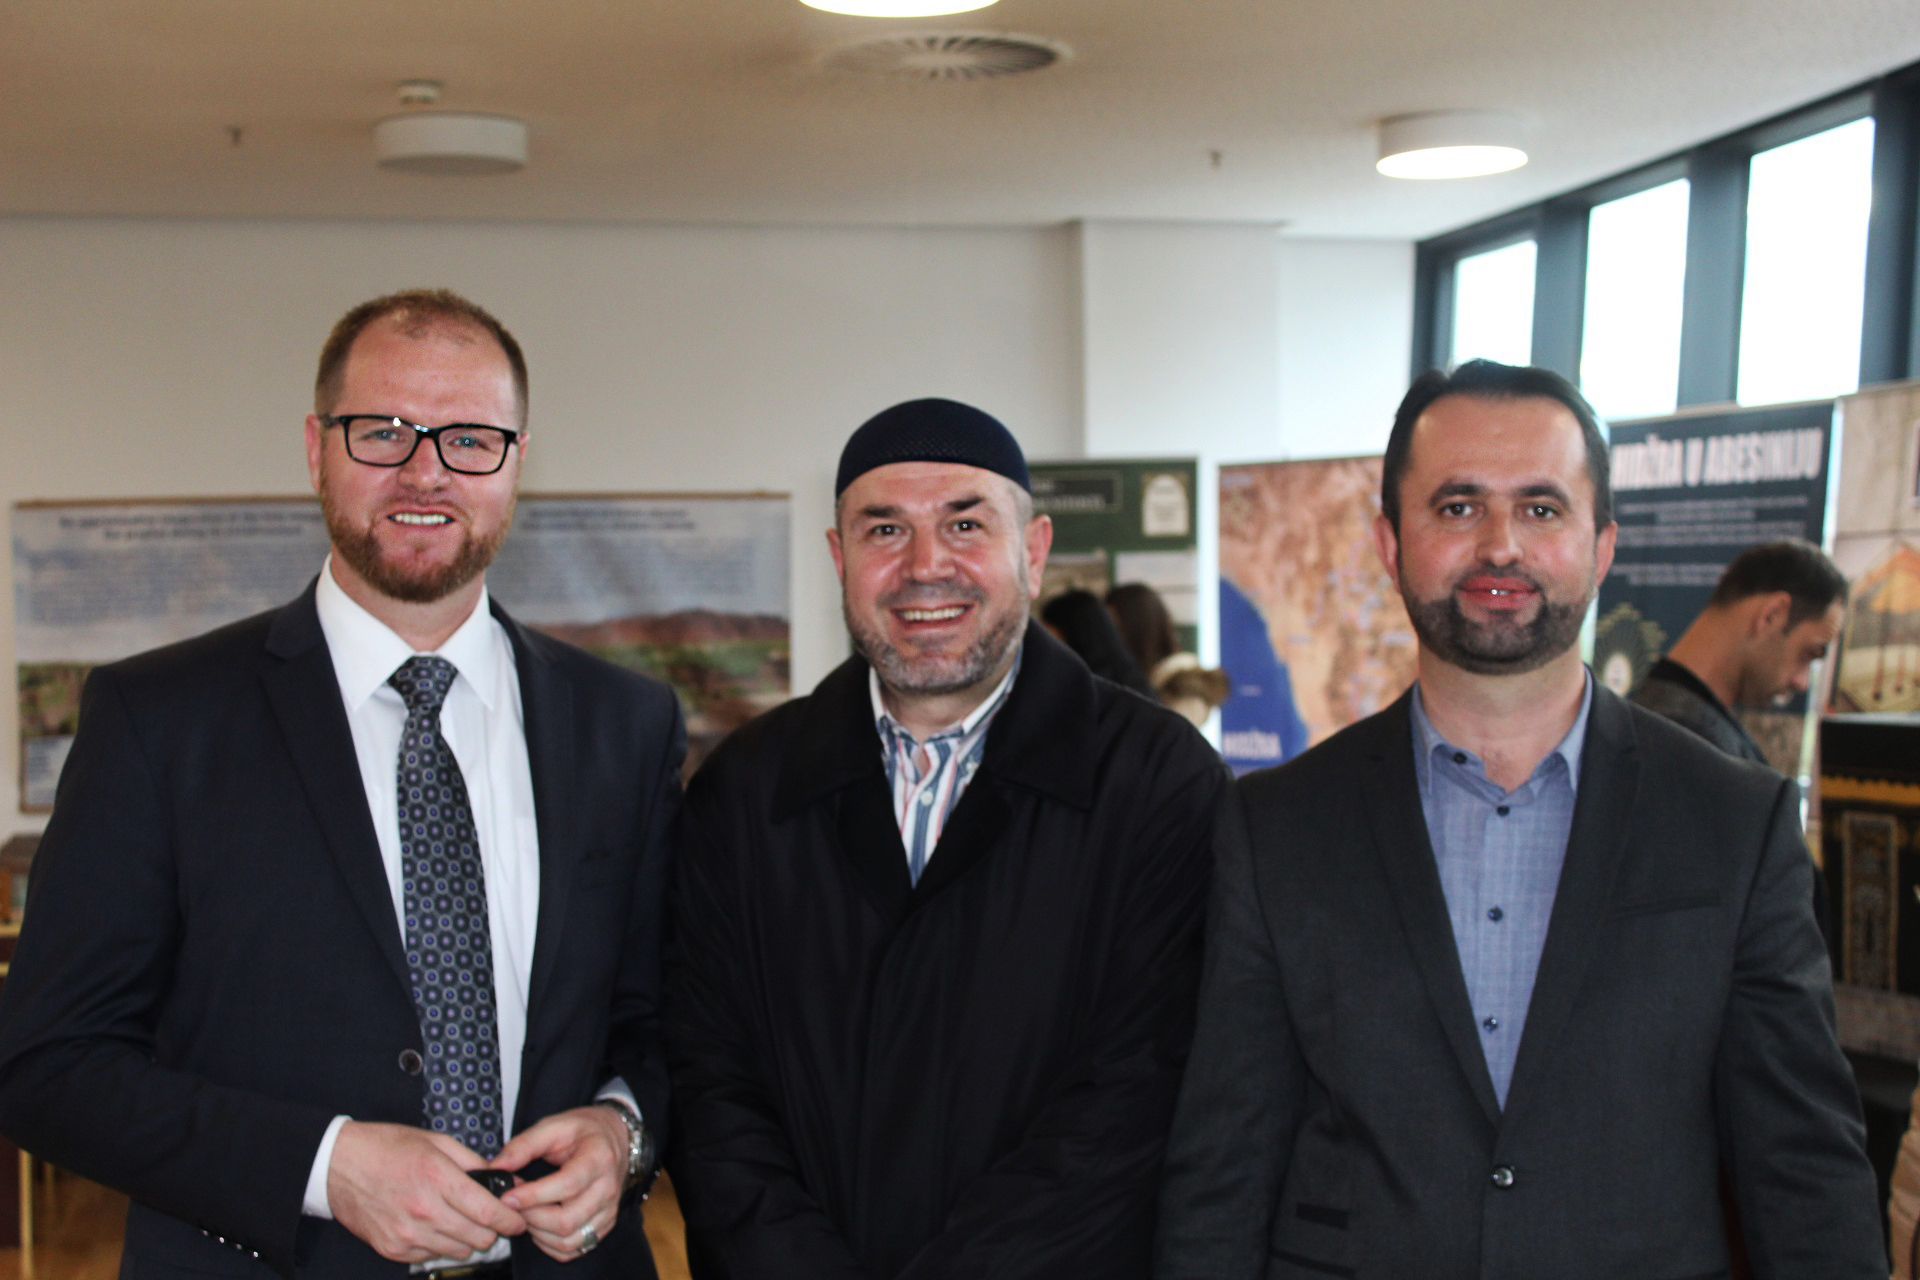 Na veliko iznenađenje naše ekipe, ali u posjetu nam je došao i poznati i cijenjeni imam iz Bosne i Hercegovine mr. Aljo Cikotić.